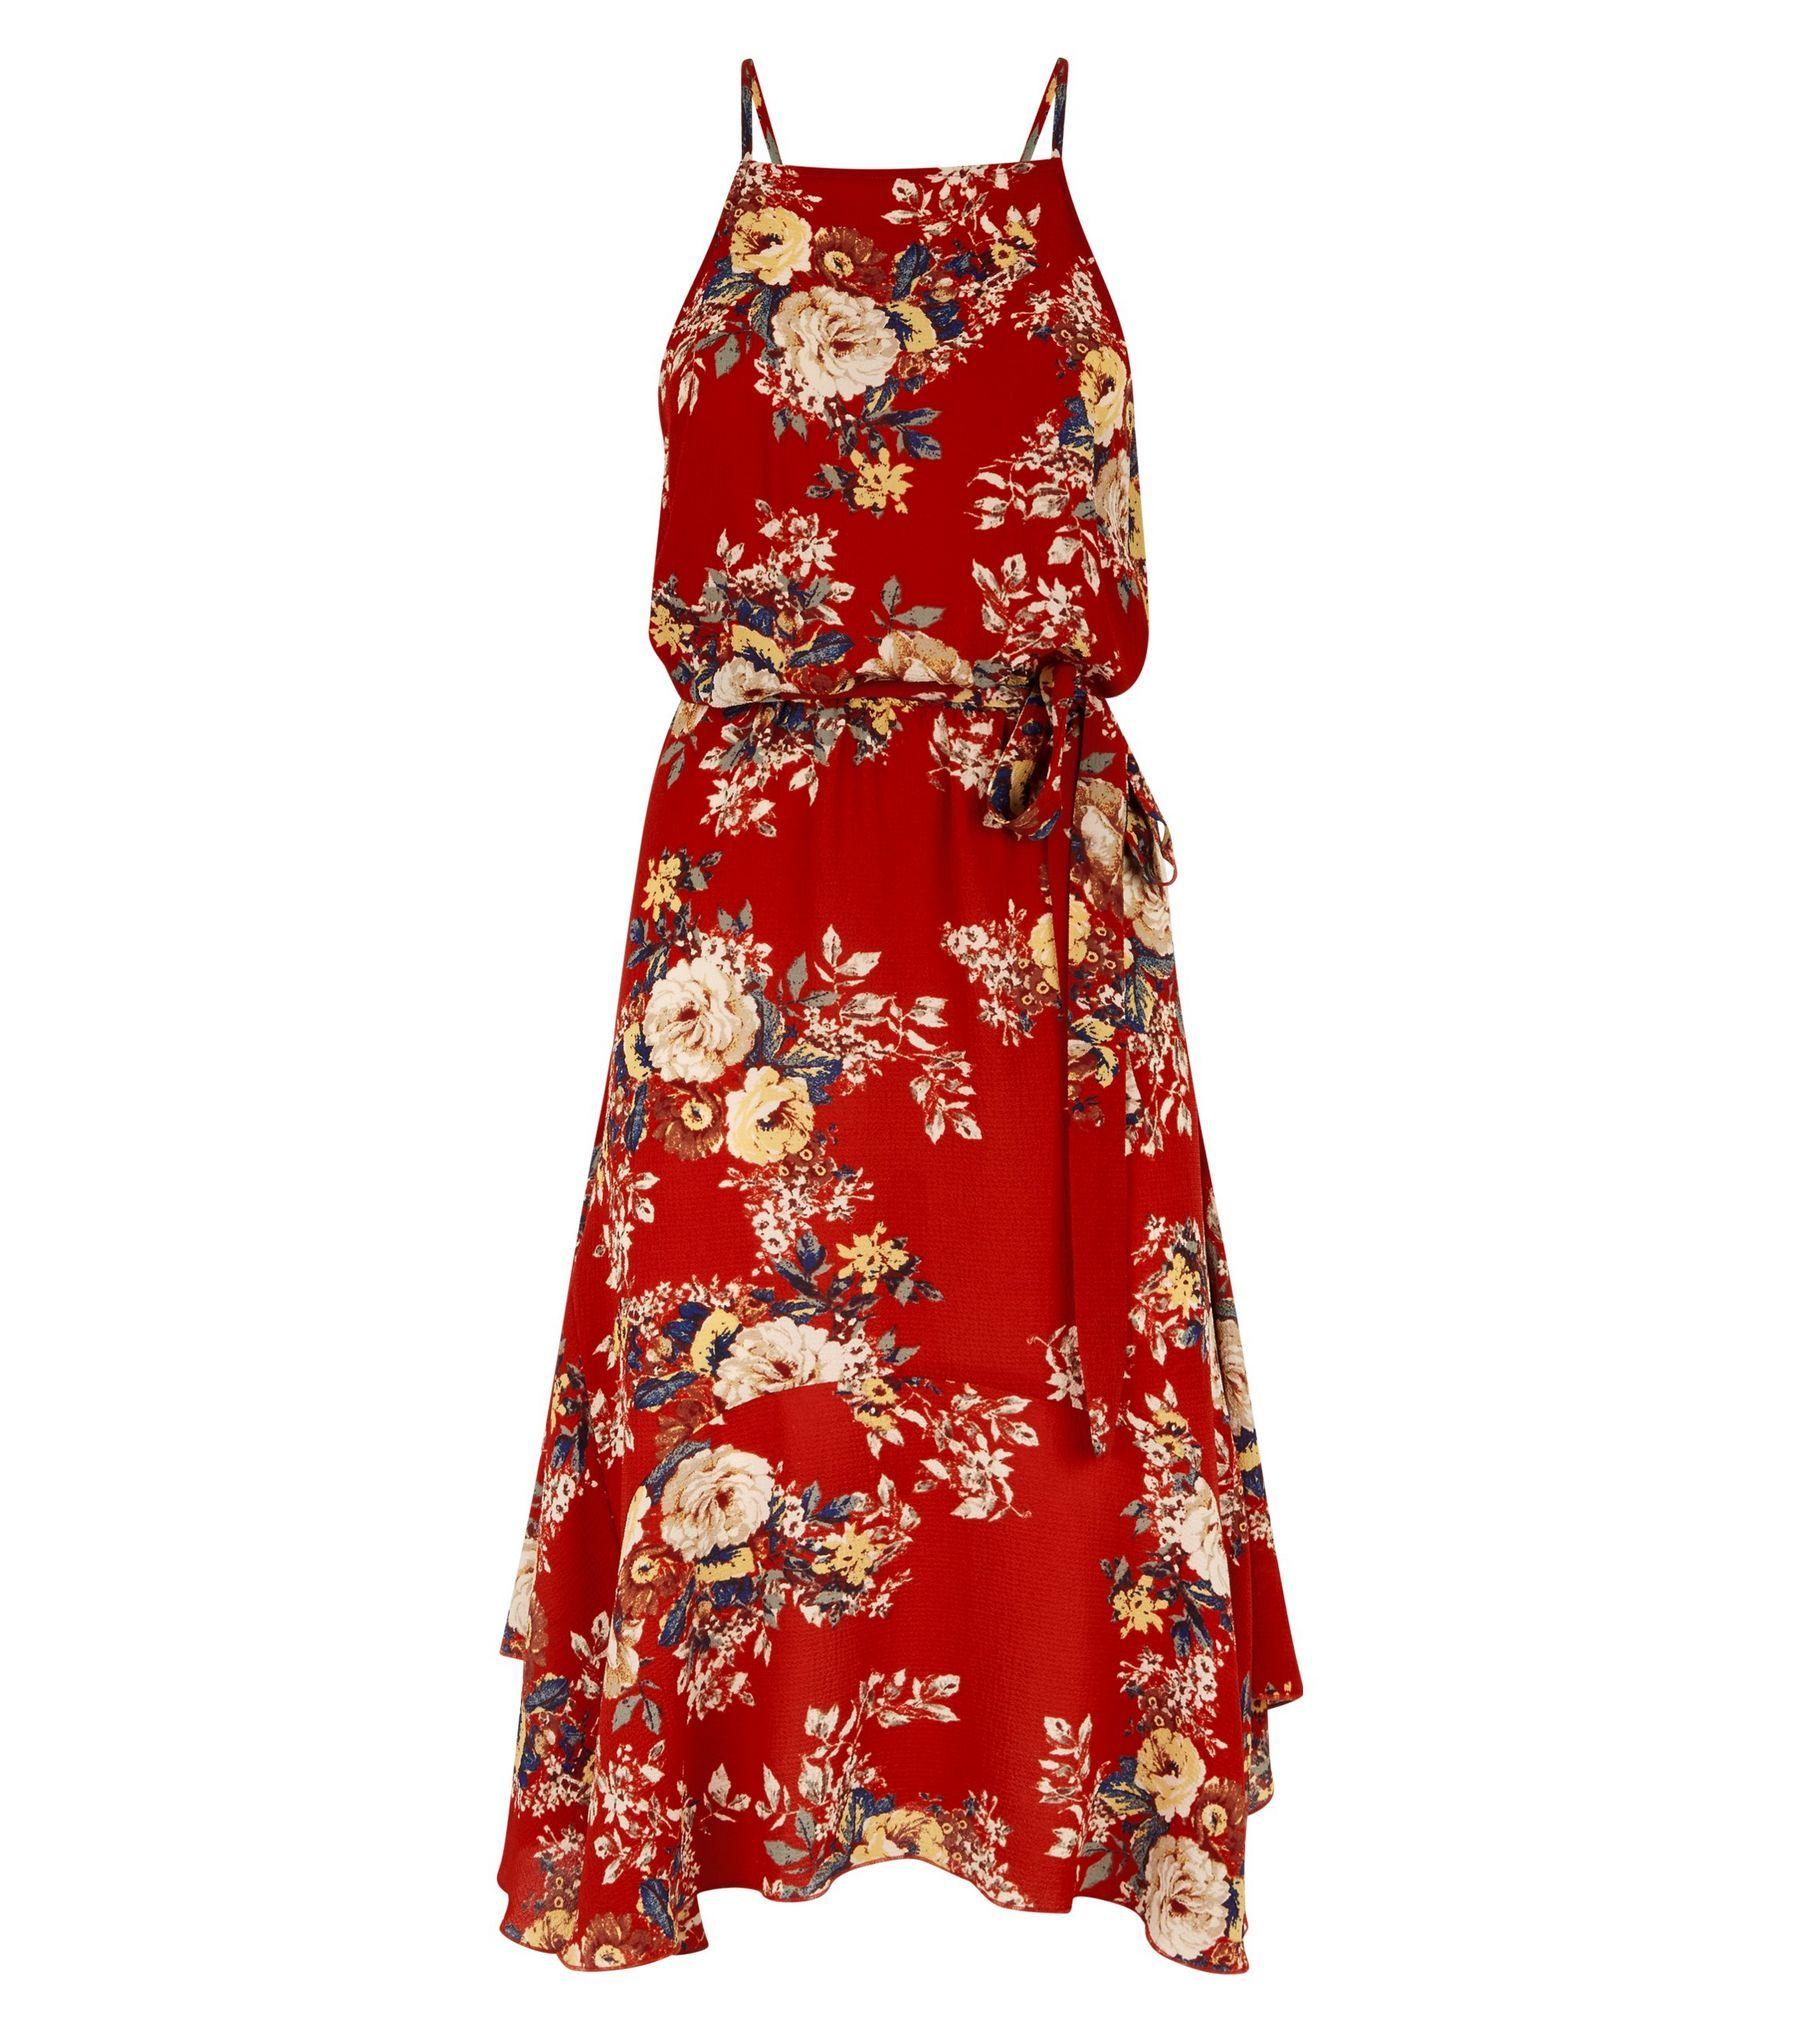 848d646e26f9 Red Floral Print Hanky Hem Midi Dress